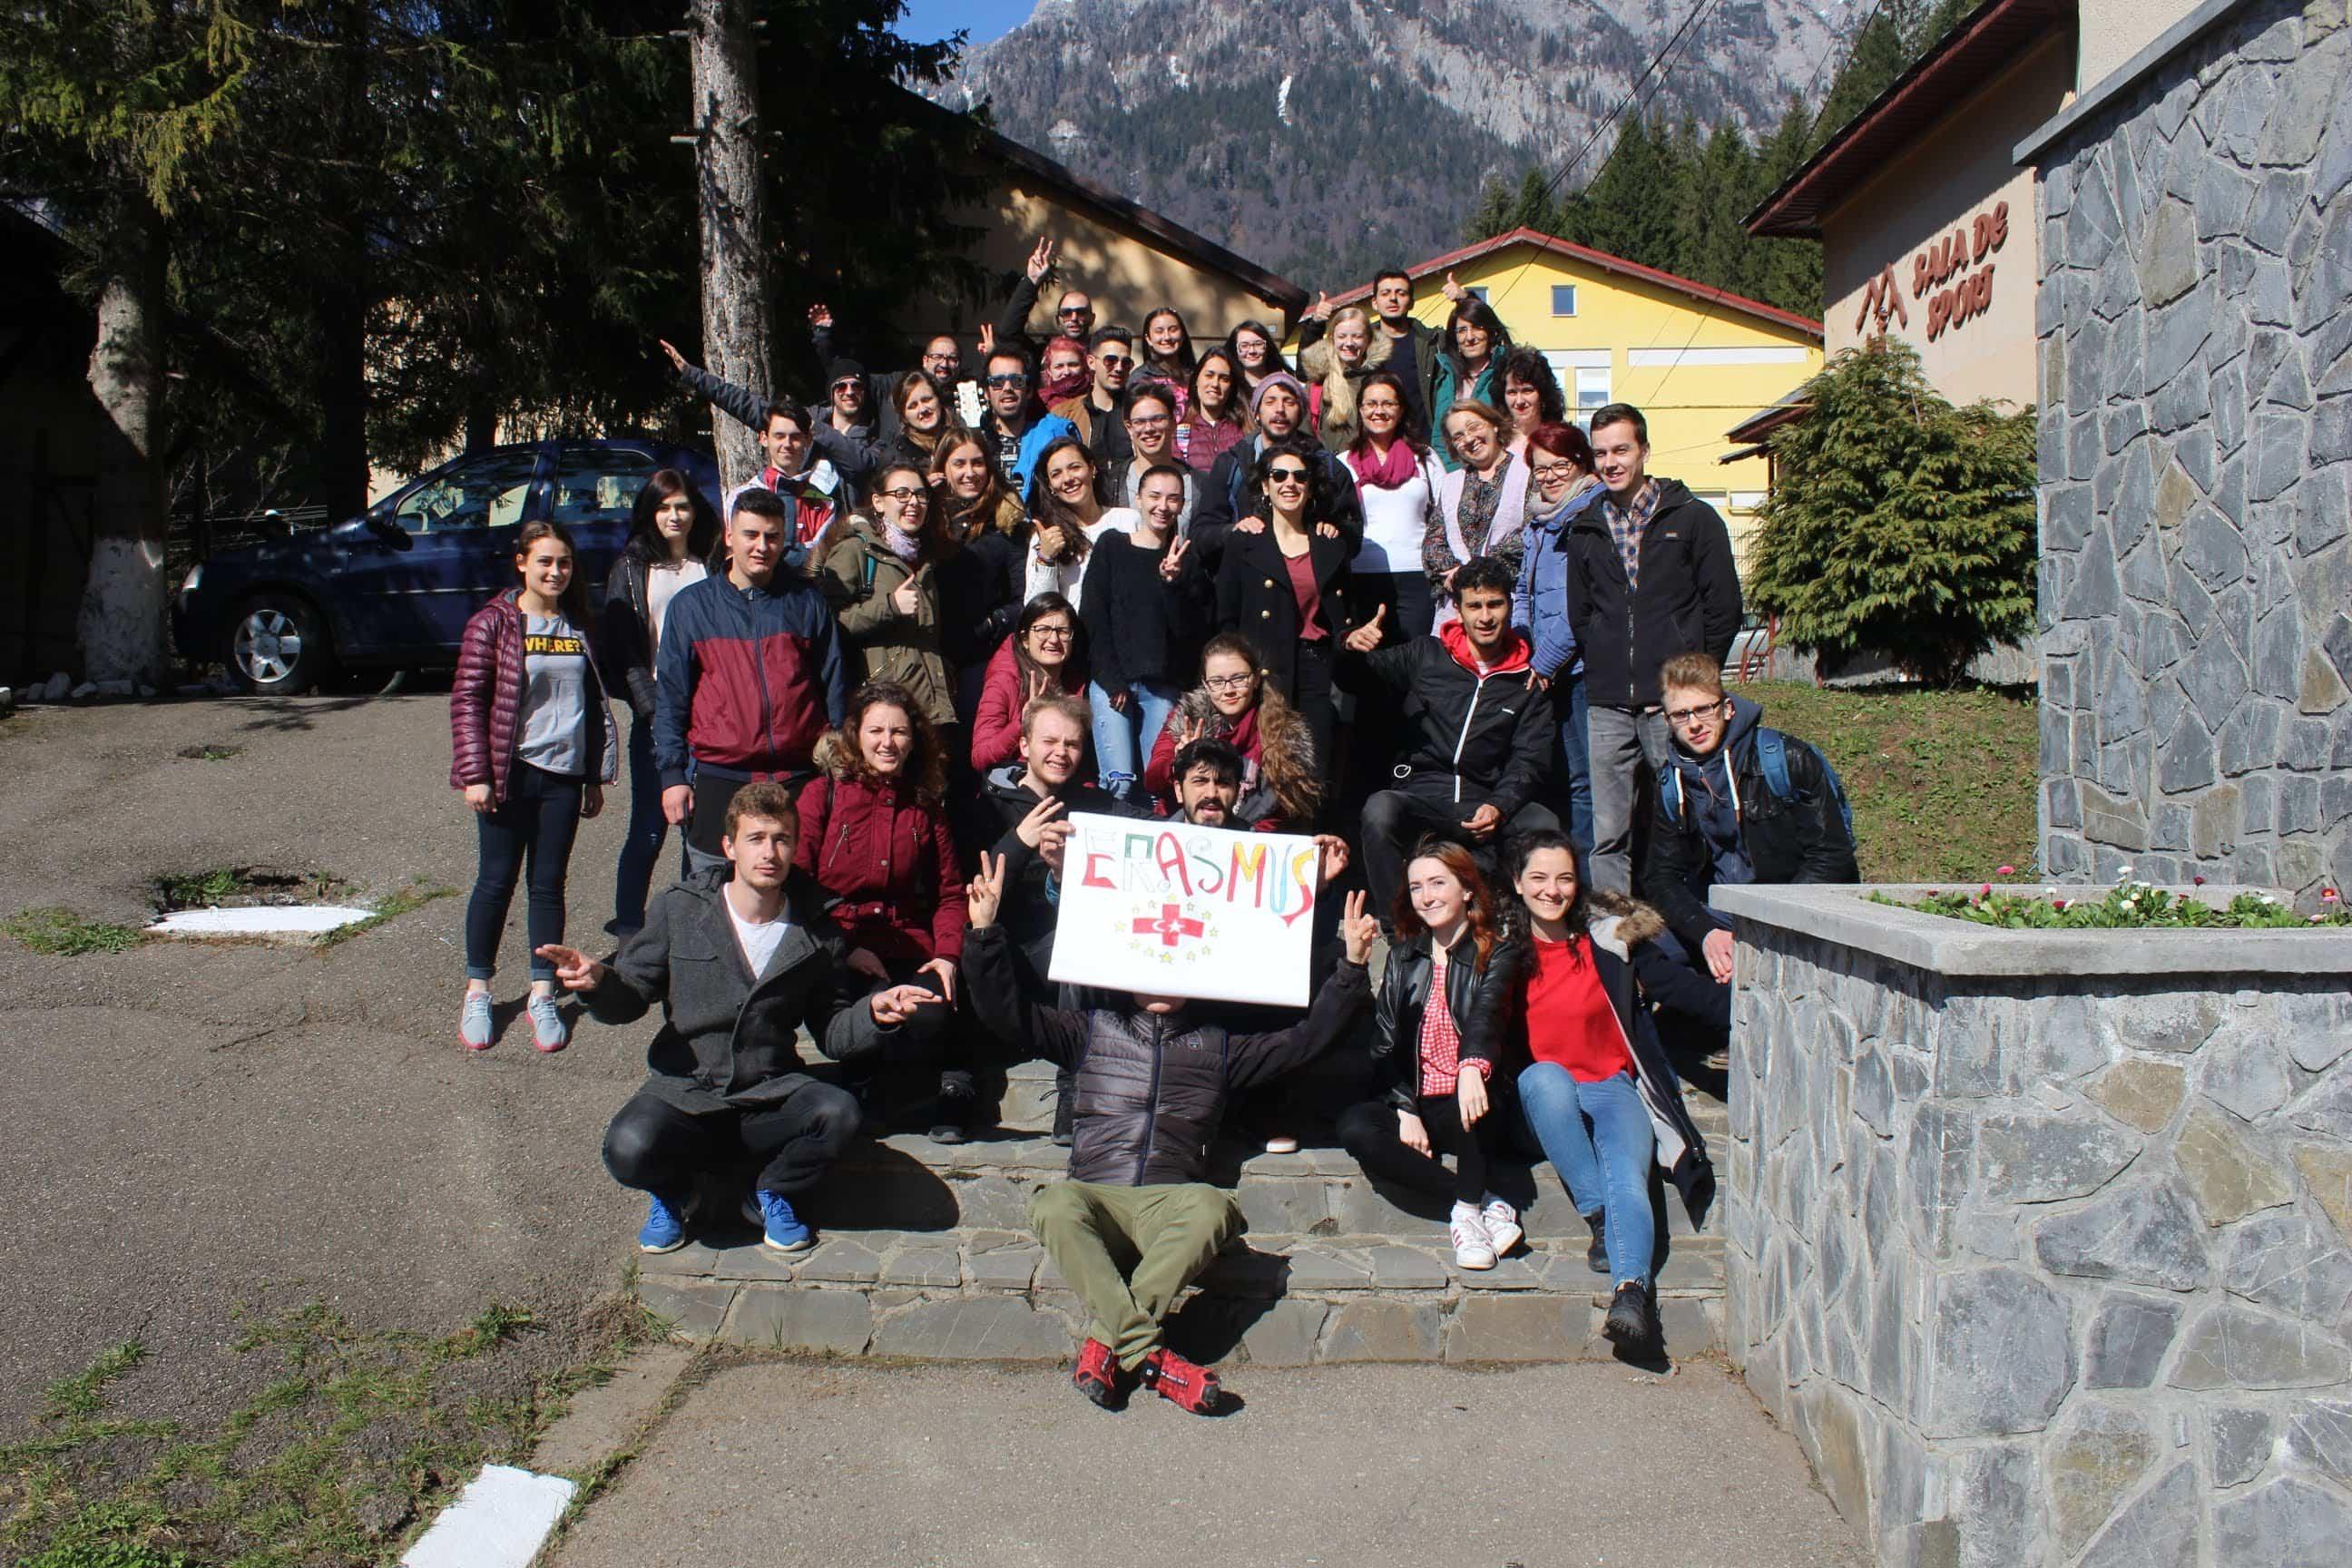 proyecto en rumania 2 - Las asociaciones locales El Uali Sahara y Aktive Kosmos en Rumanía